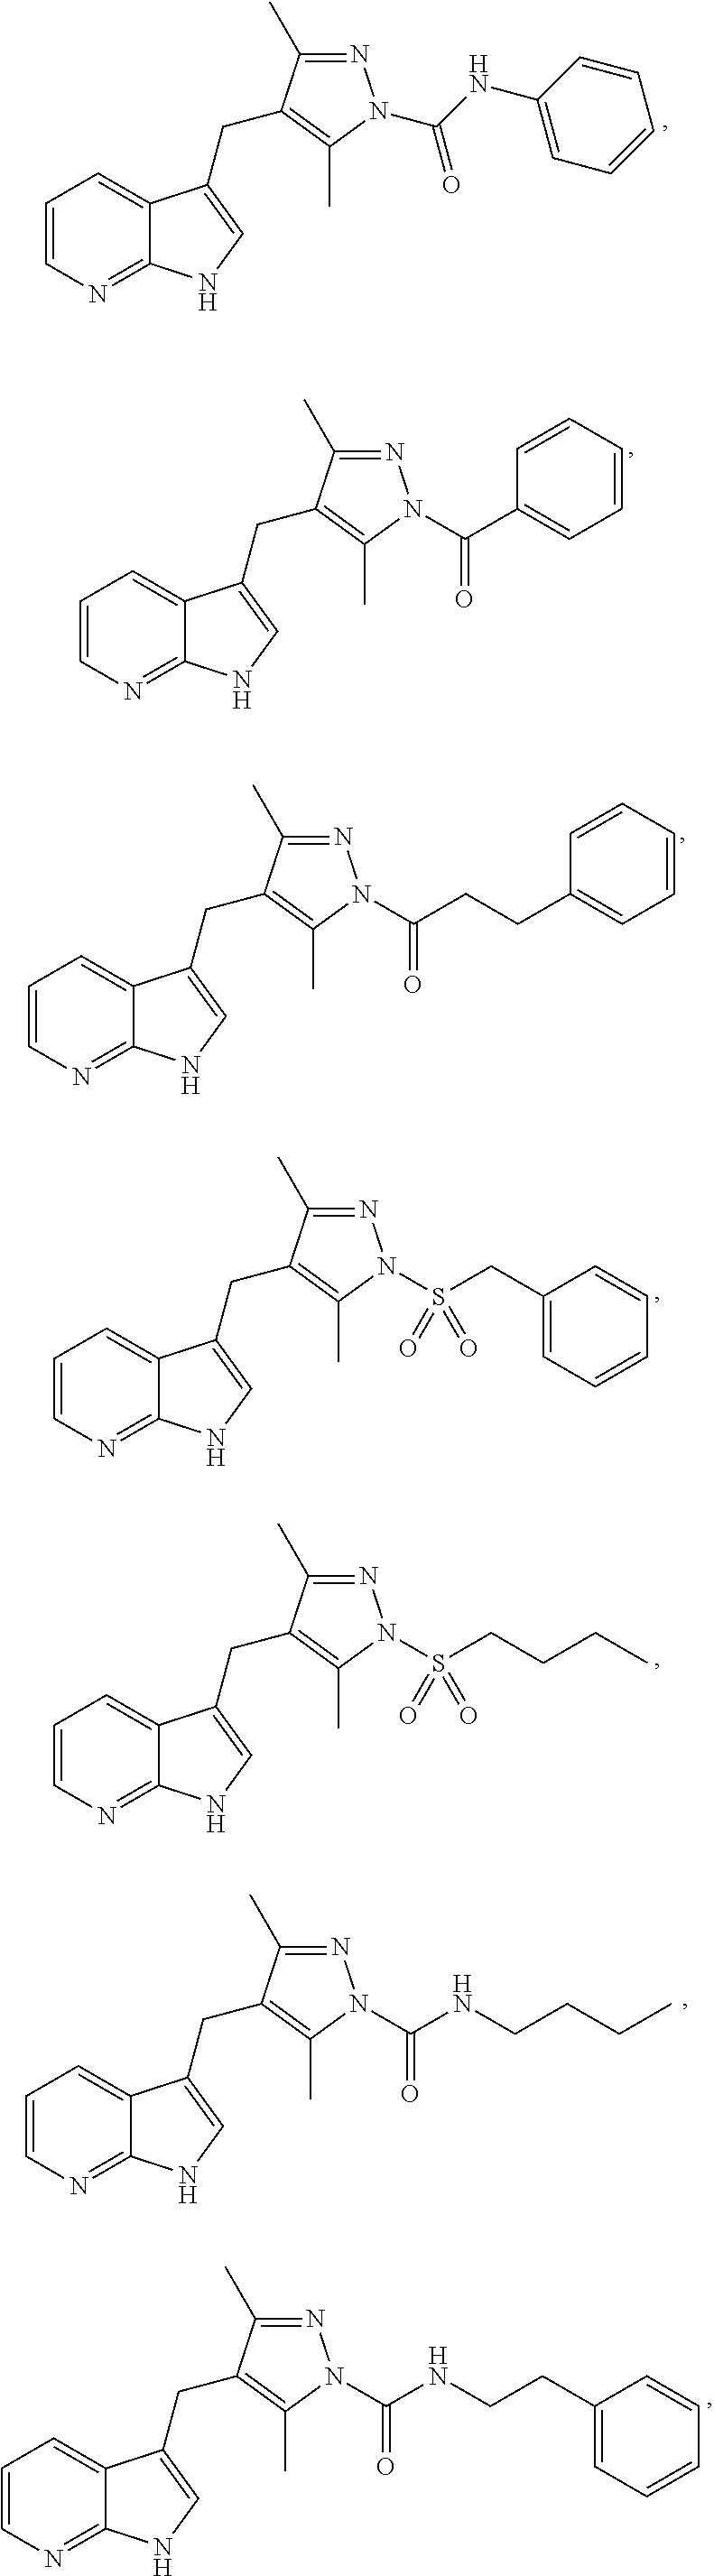 Figure US08404700-20130326-C00022